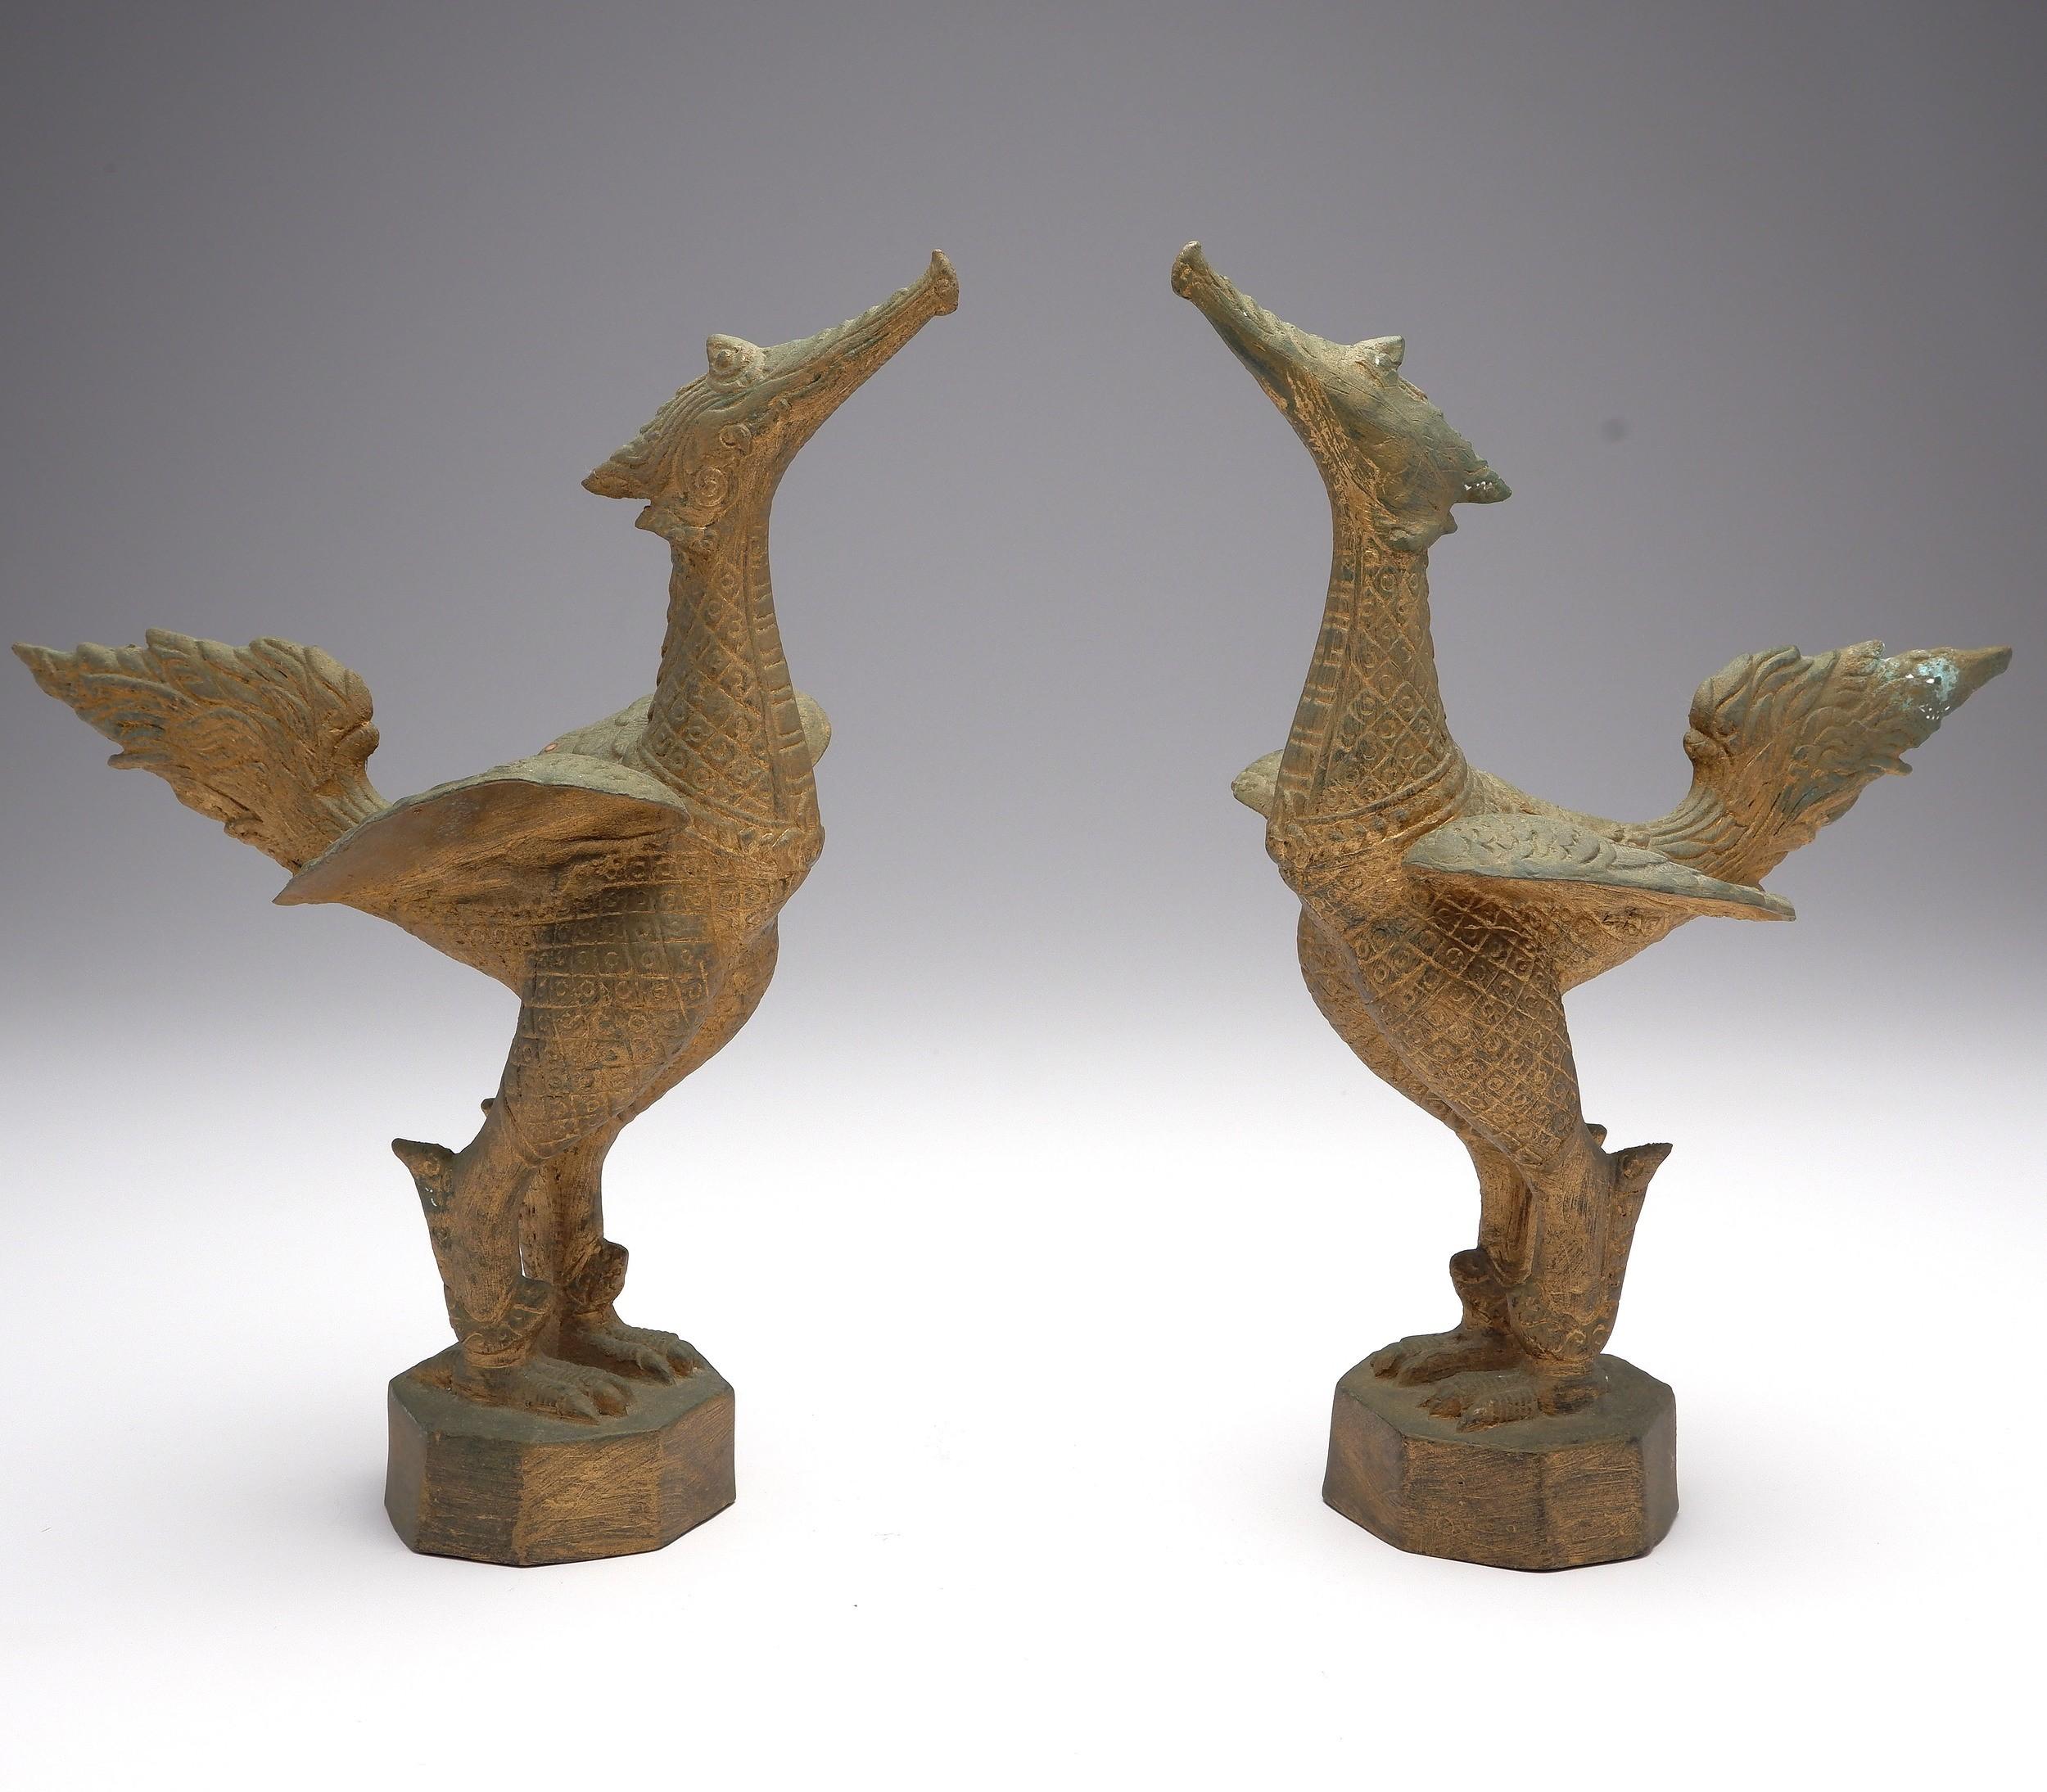 'Pair of Thai Gilt Brass/Bronze Mythical Suppanahong Bird Figures'